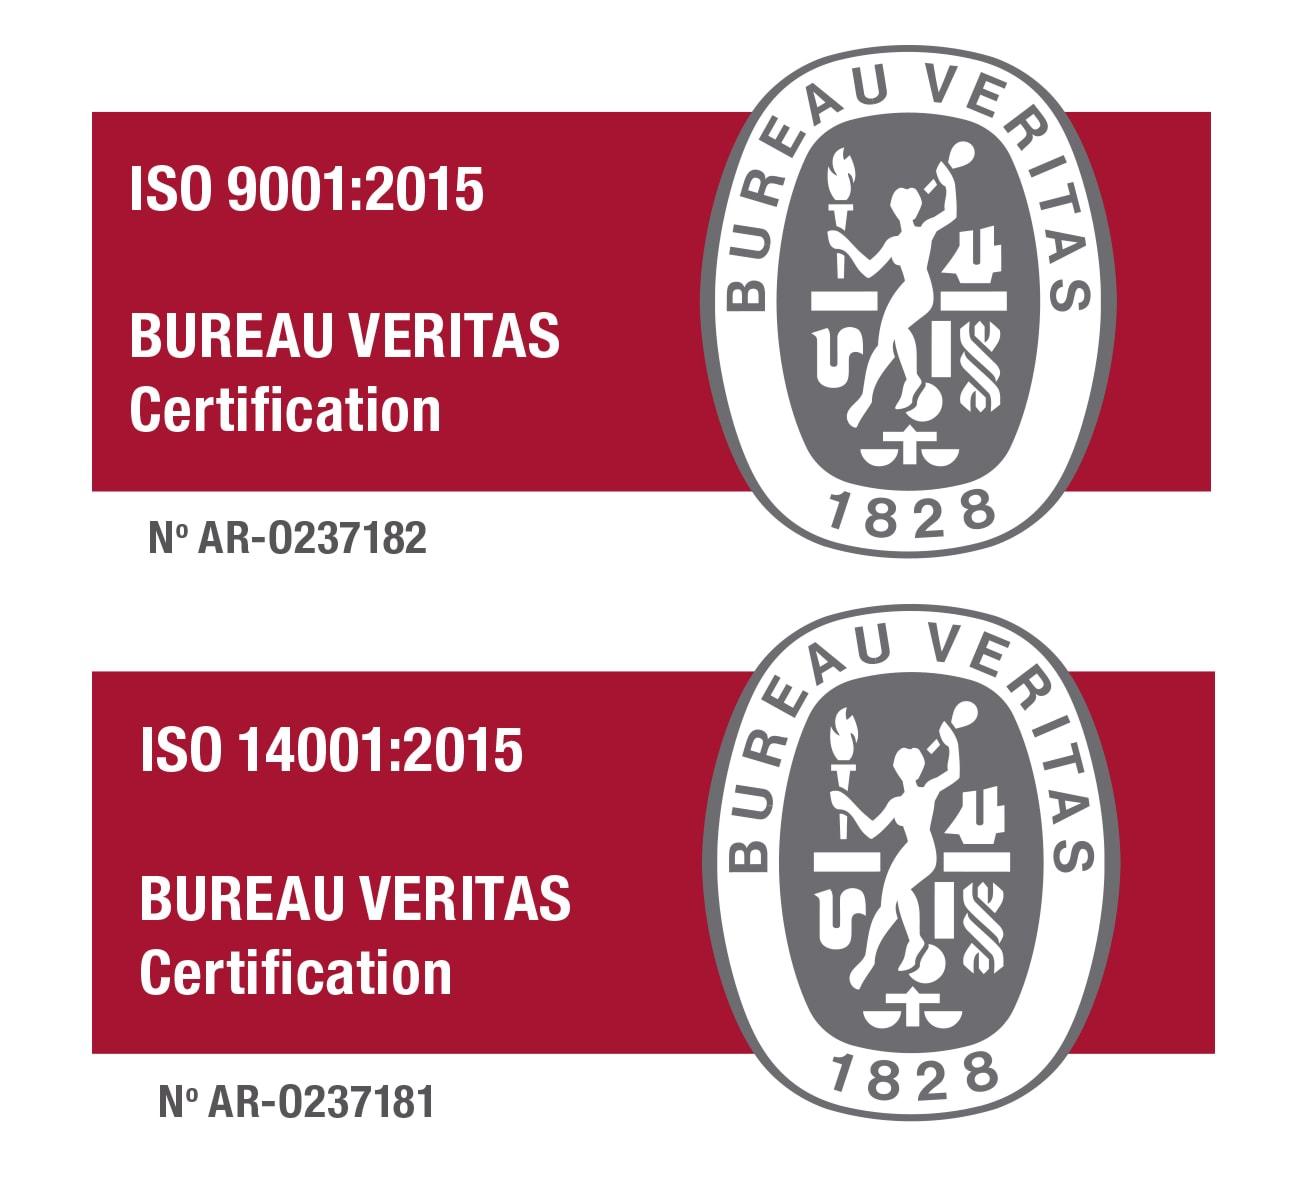 Certificaciones ISO 9001:2015 e ISO 14001:2015